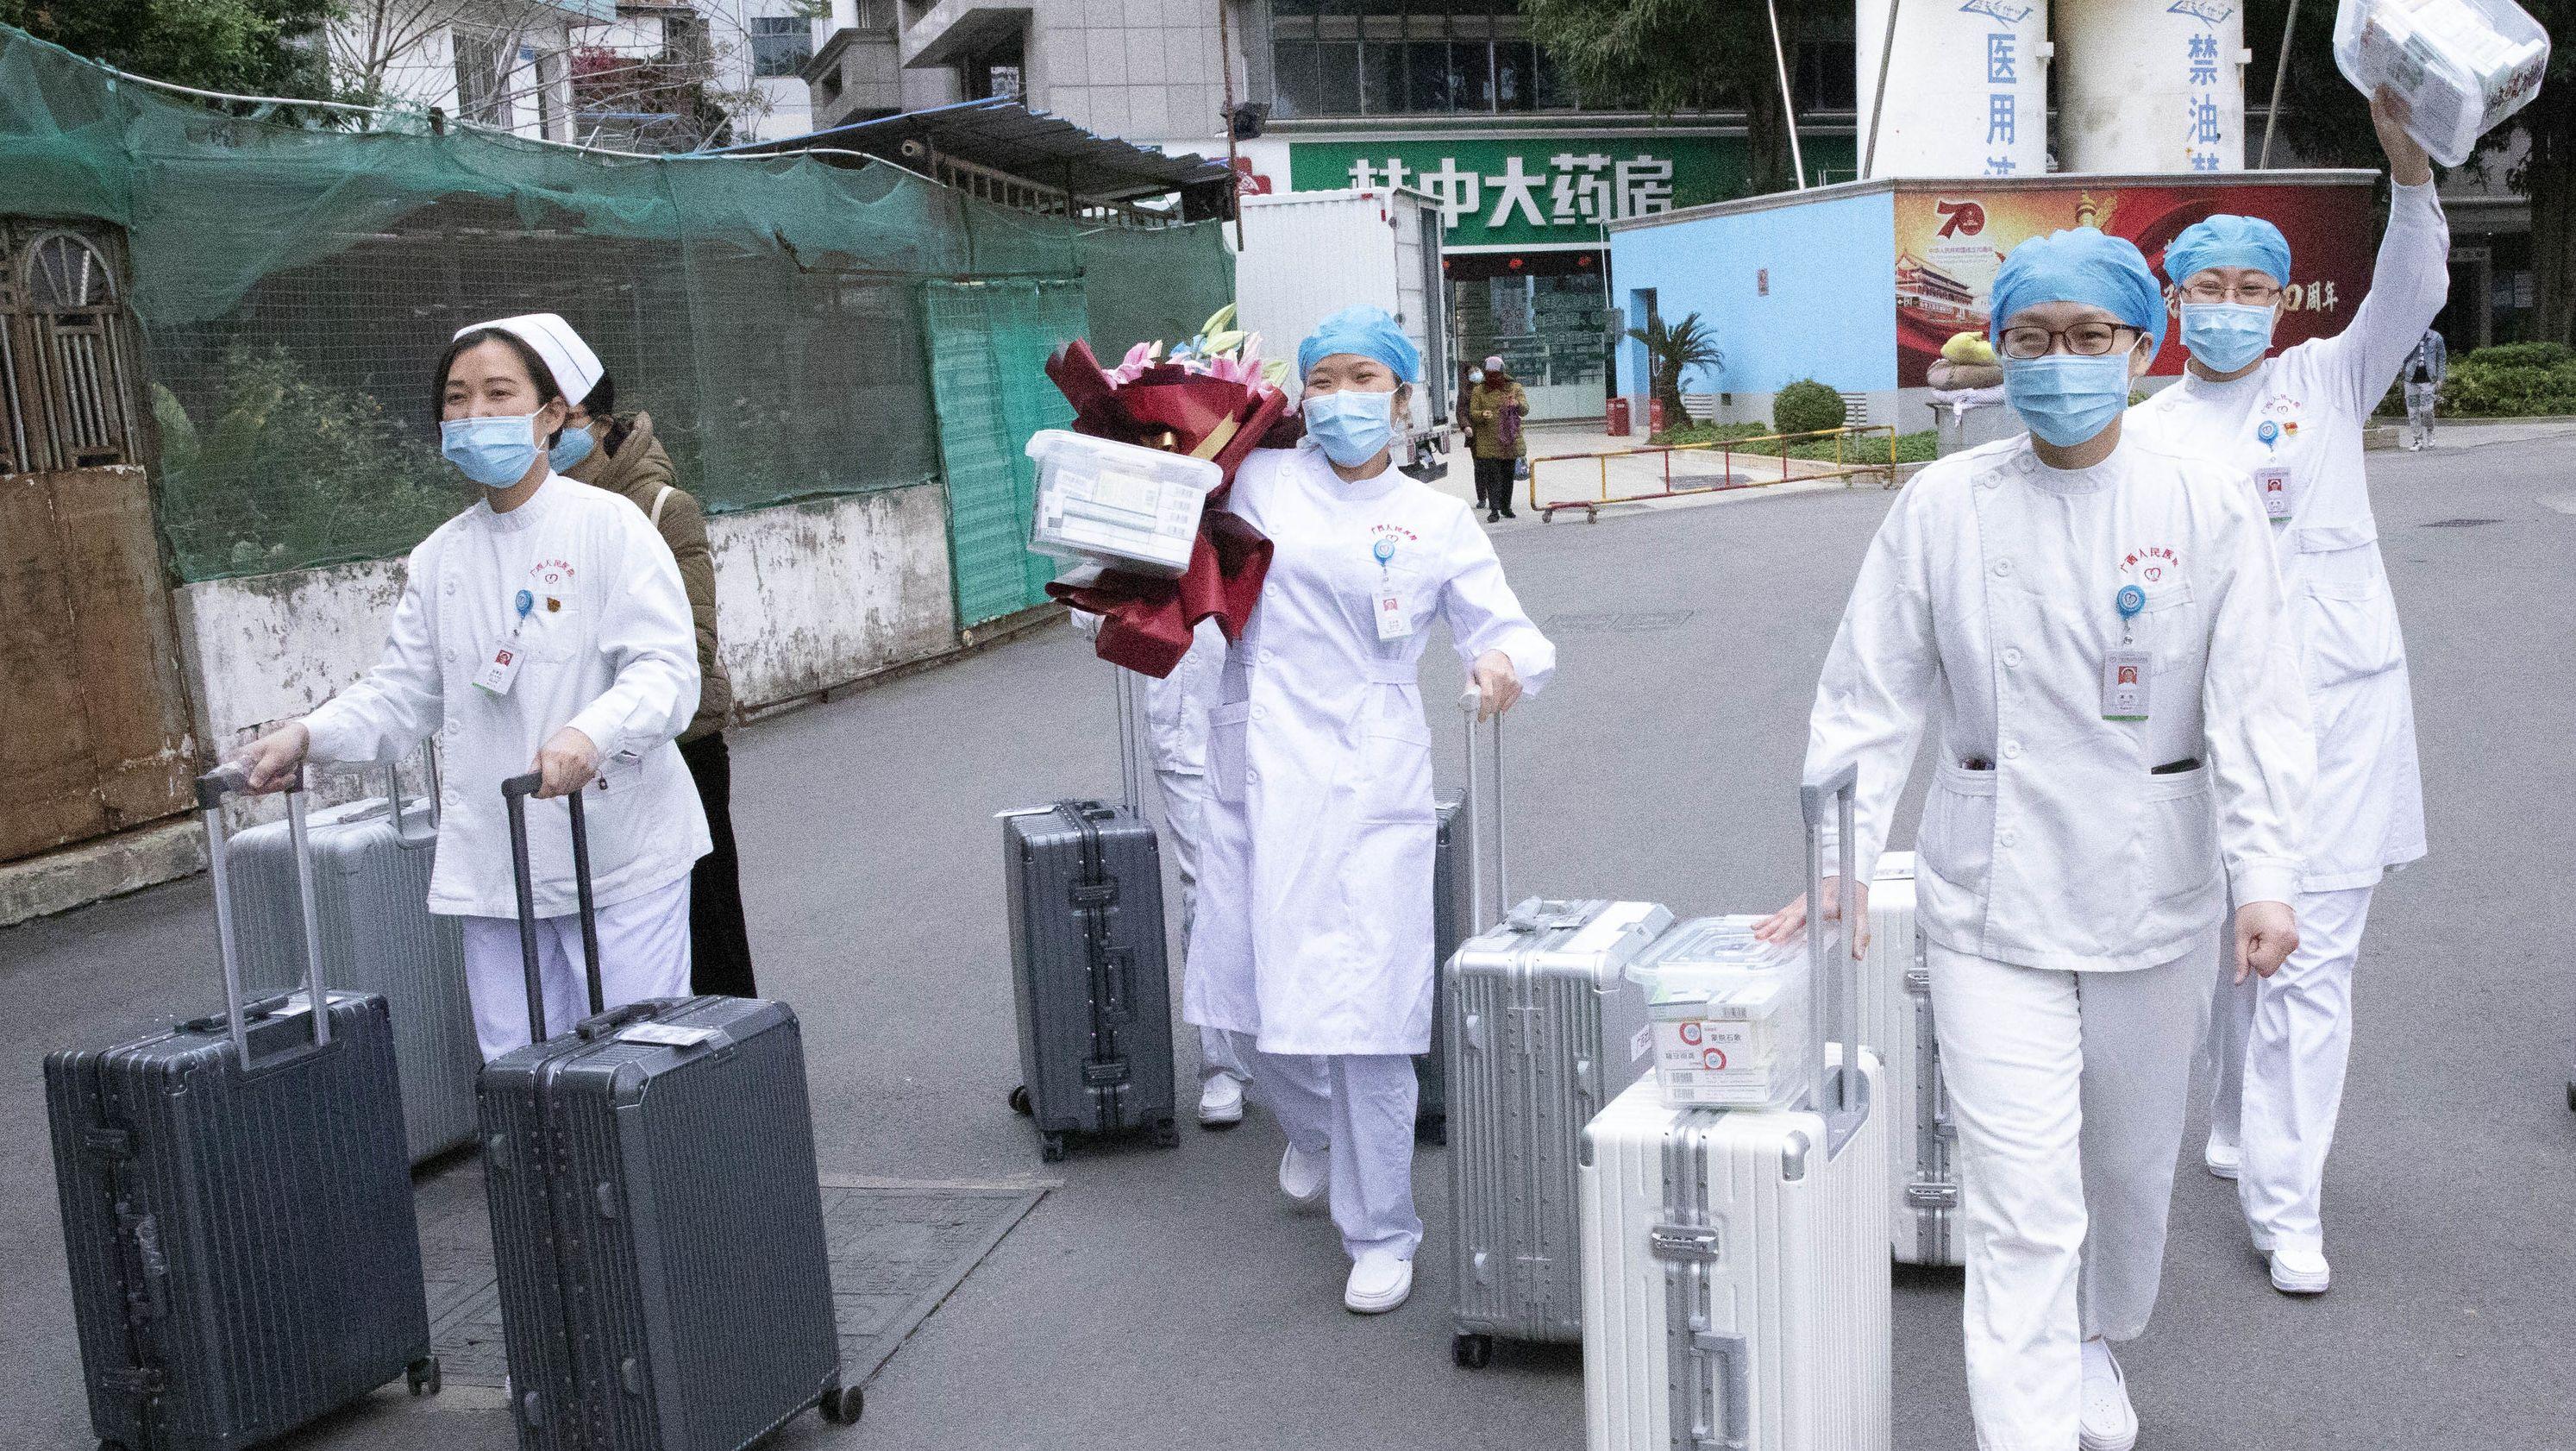 Zur Behandlung der Lungenkranken in Zentralchina sind fast 6000 Ärzte und Pfleger aus ganz China in die betroffene Provinz Hubei entsandt worden.